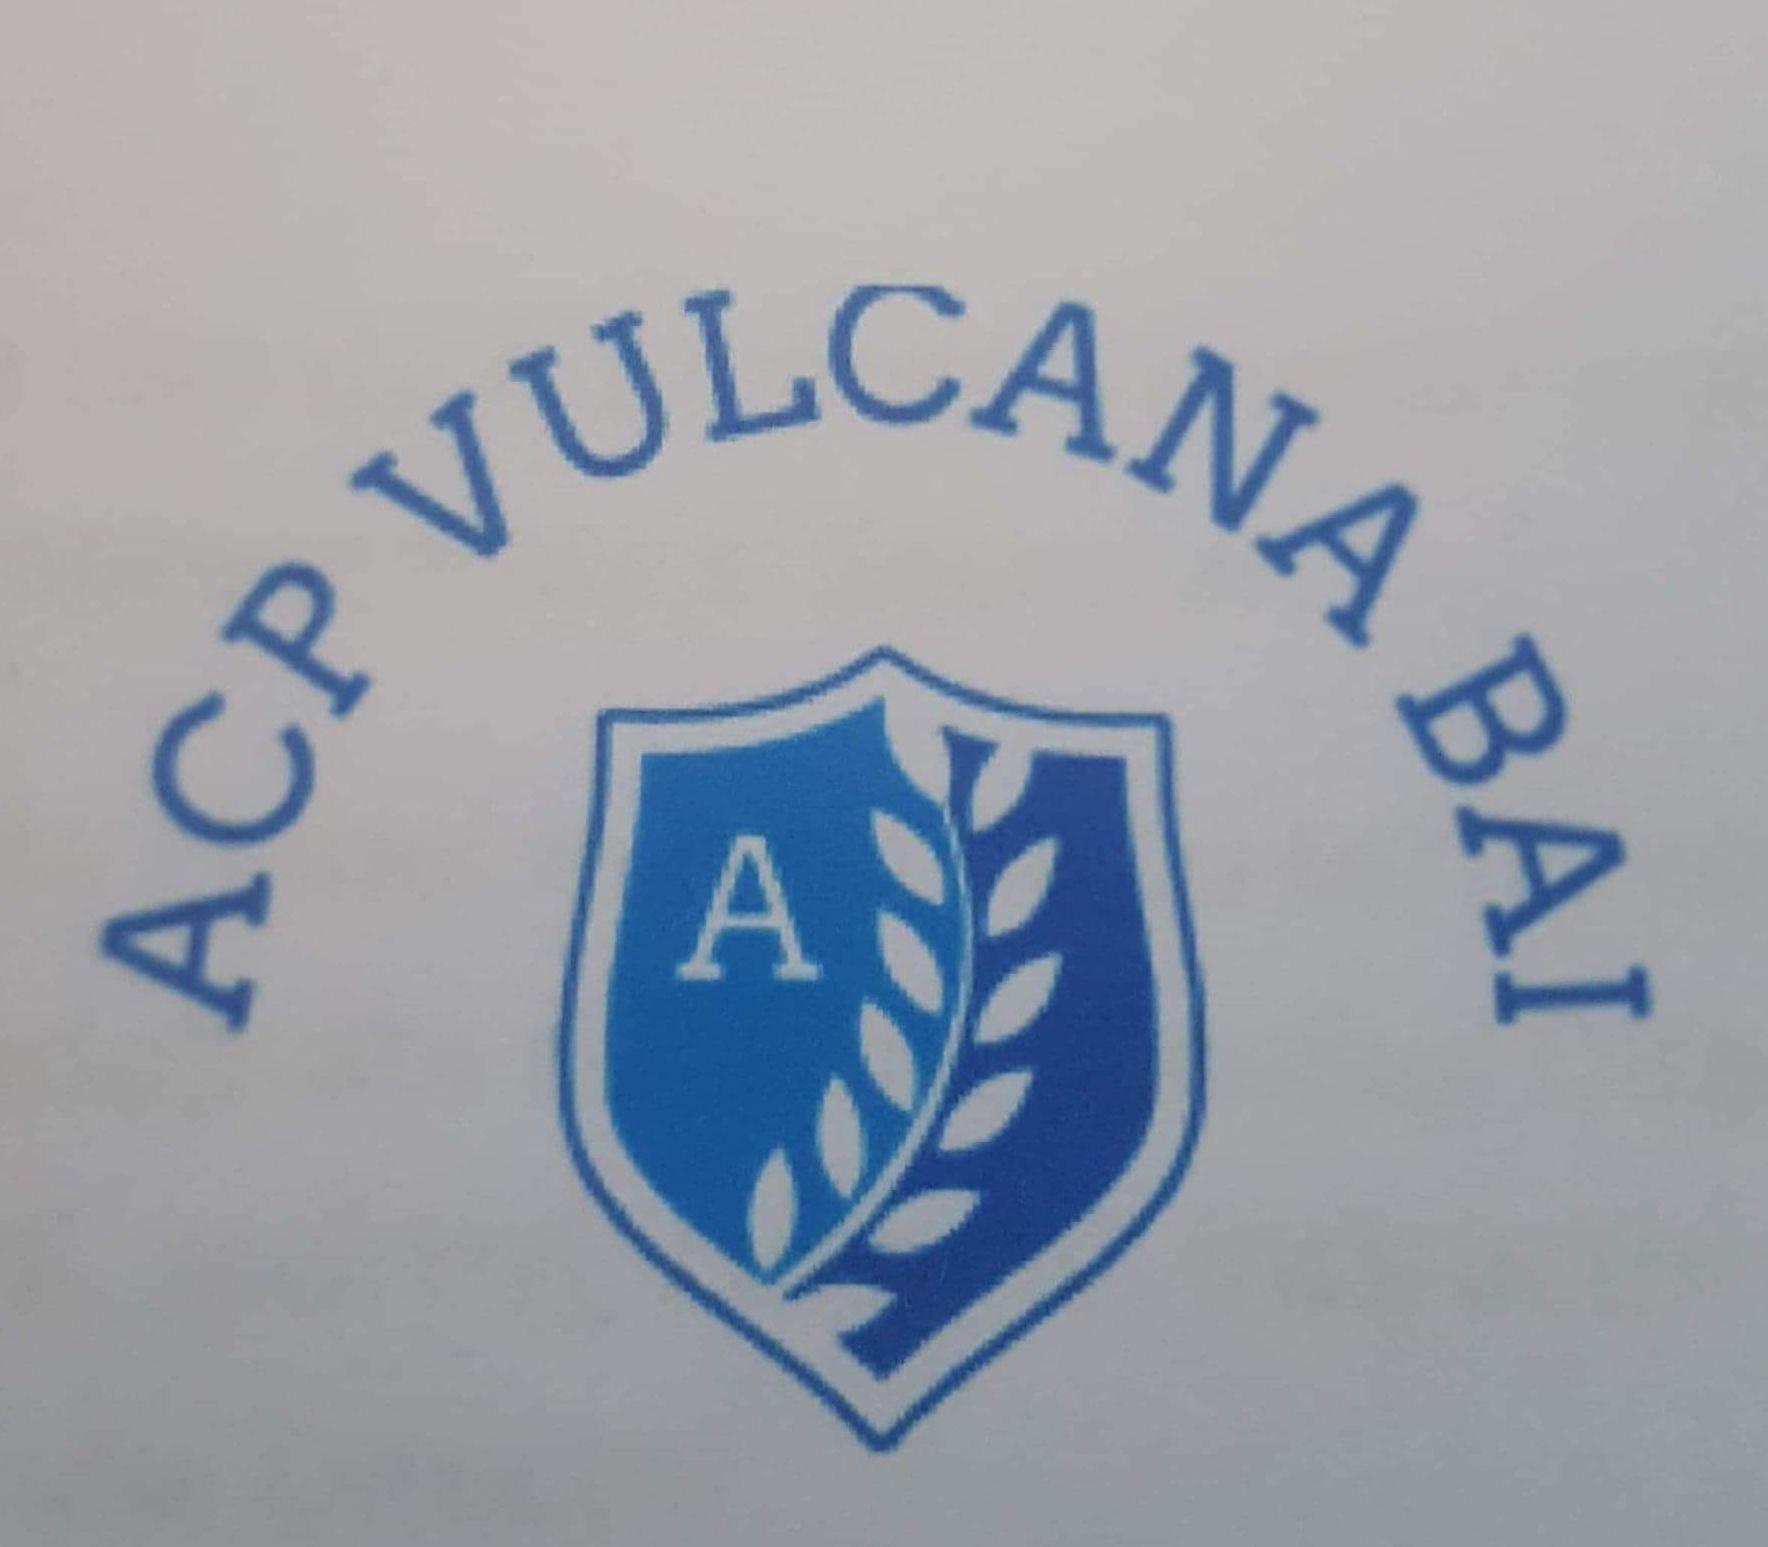 A.S. A.C.P. Vulcana Bai